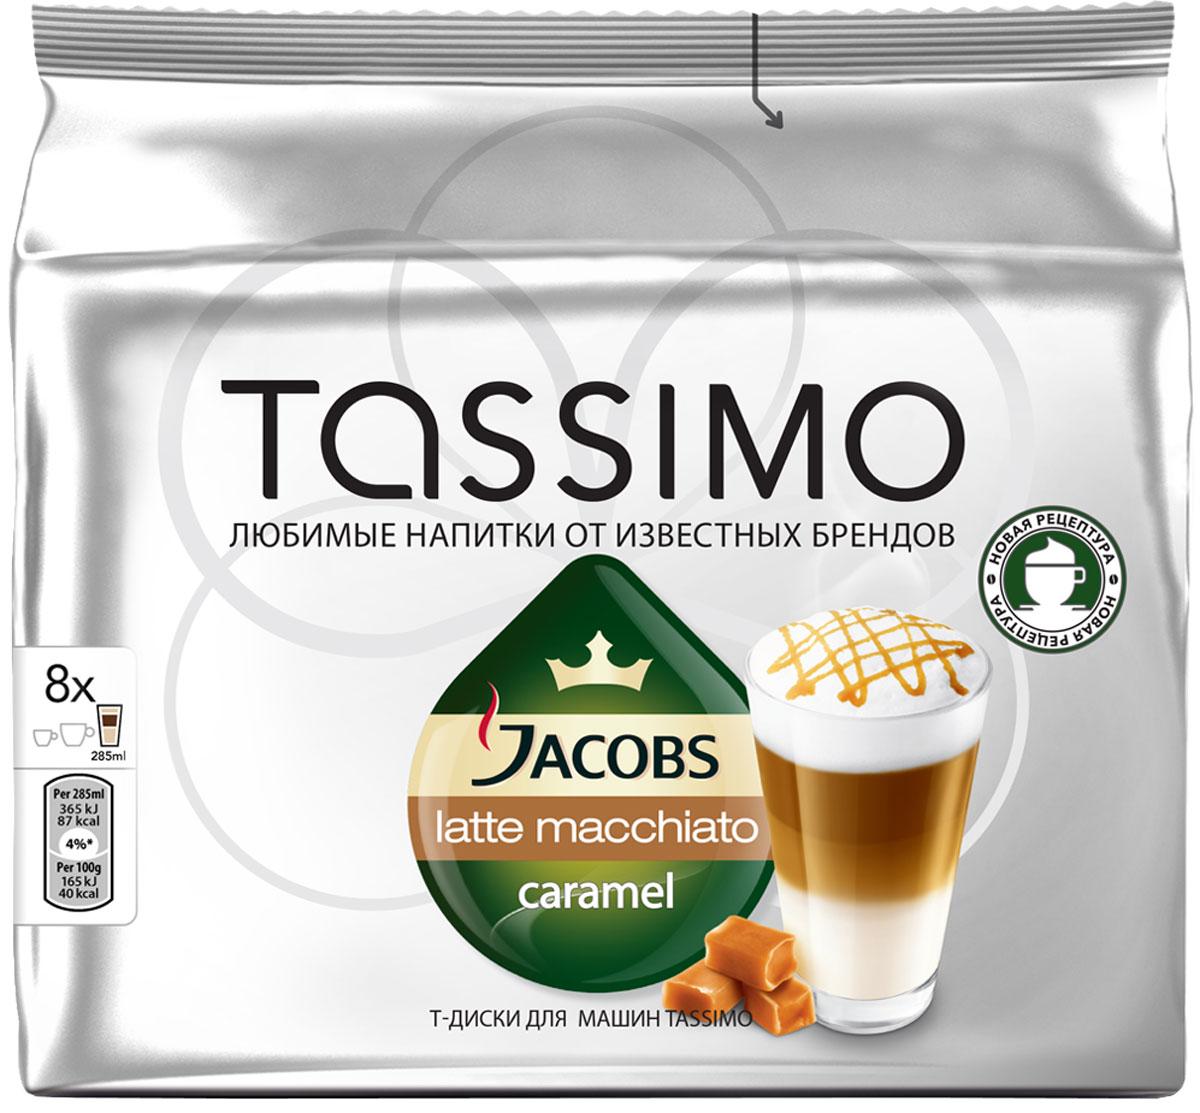 Tassimo Latte Macchiato молочный продукт в капсулах со вкусом карамели, 16 шт4001593Бесподобный Latte Macchiato от Jacobs Monarch обладает насыщенным вкусом карамели. Великолепный многослойный молочный напиток сочетает в себе нежный вкус карамели и кофейные нотки эспрессо. Latte Macchiato готовится легко с помощью двух Т-дисков: 1. Большой молочный T-Диск со вкусом карамельного макиато 2. Т-Диск эспрессо. Каждая упаковка содержит 8 Т-Дисков Jacobs эспрессо и 8 молочных T-Дисков со вкусом карамели. Наполнитель - сухой молочный. Уважаемые клиенты! Обращаем ваше внимание на то, что упаковка может иметь несколько видов дизайна. Поставка осуществляется в зависимости от наличия на складе.